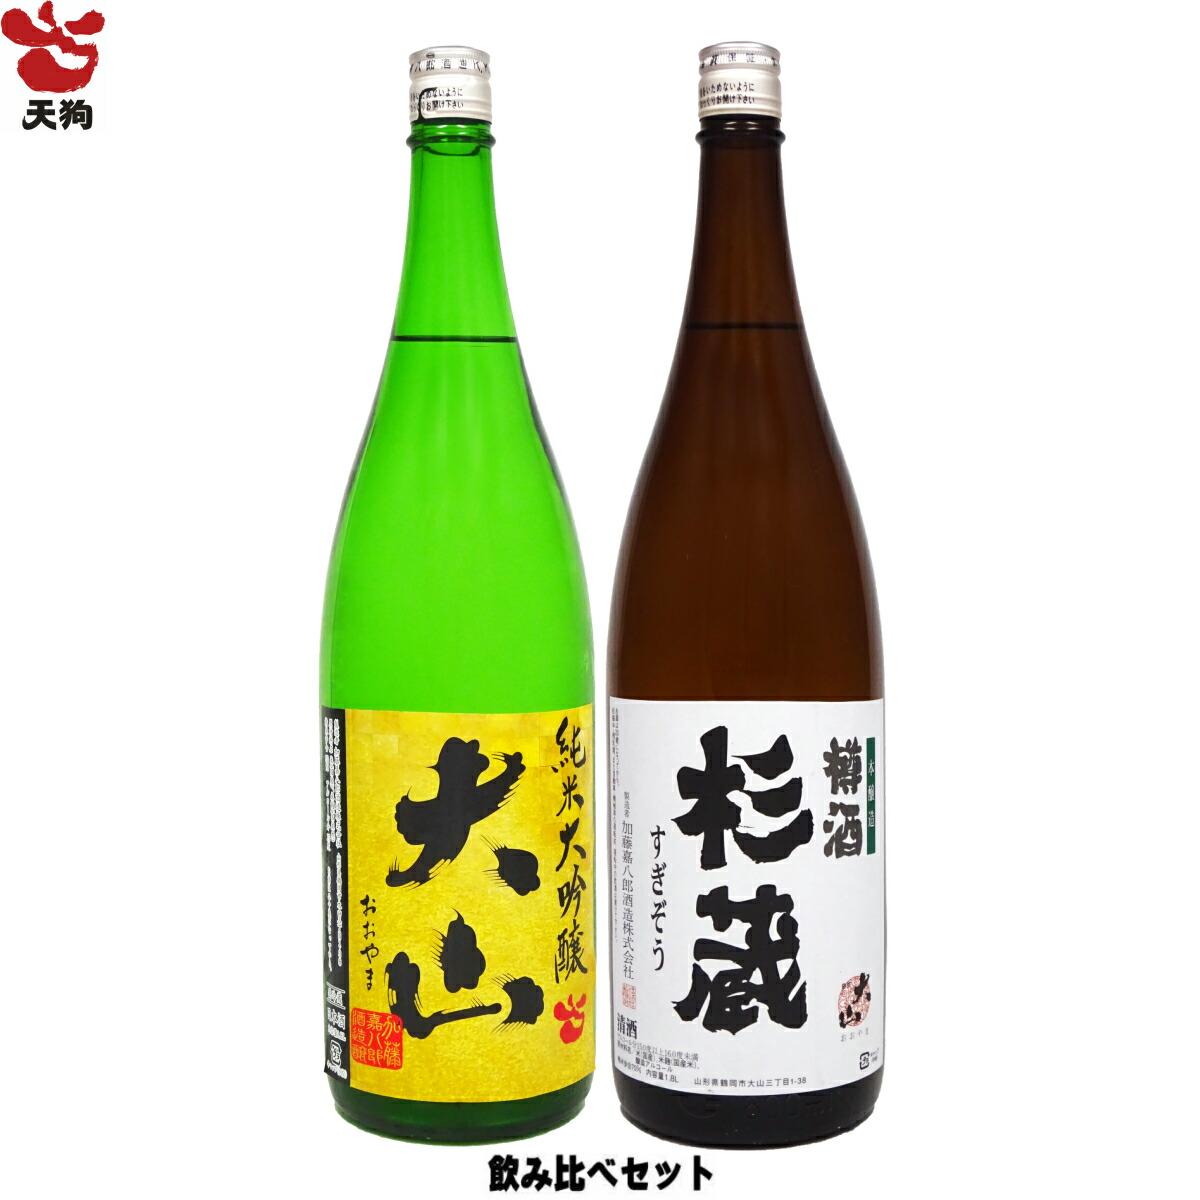 【送料無料】日本酒ペアセット 2本 純米大吟醸 杉蔵